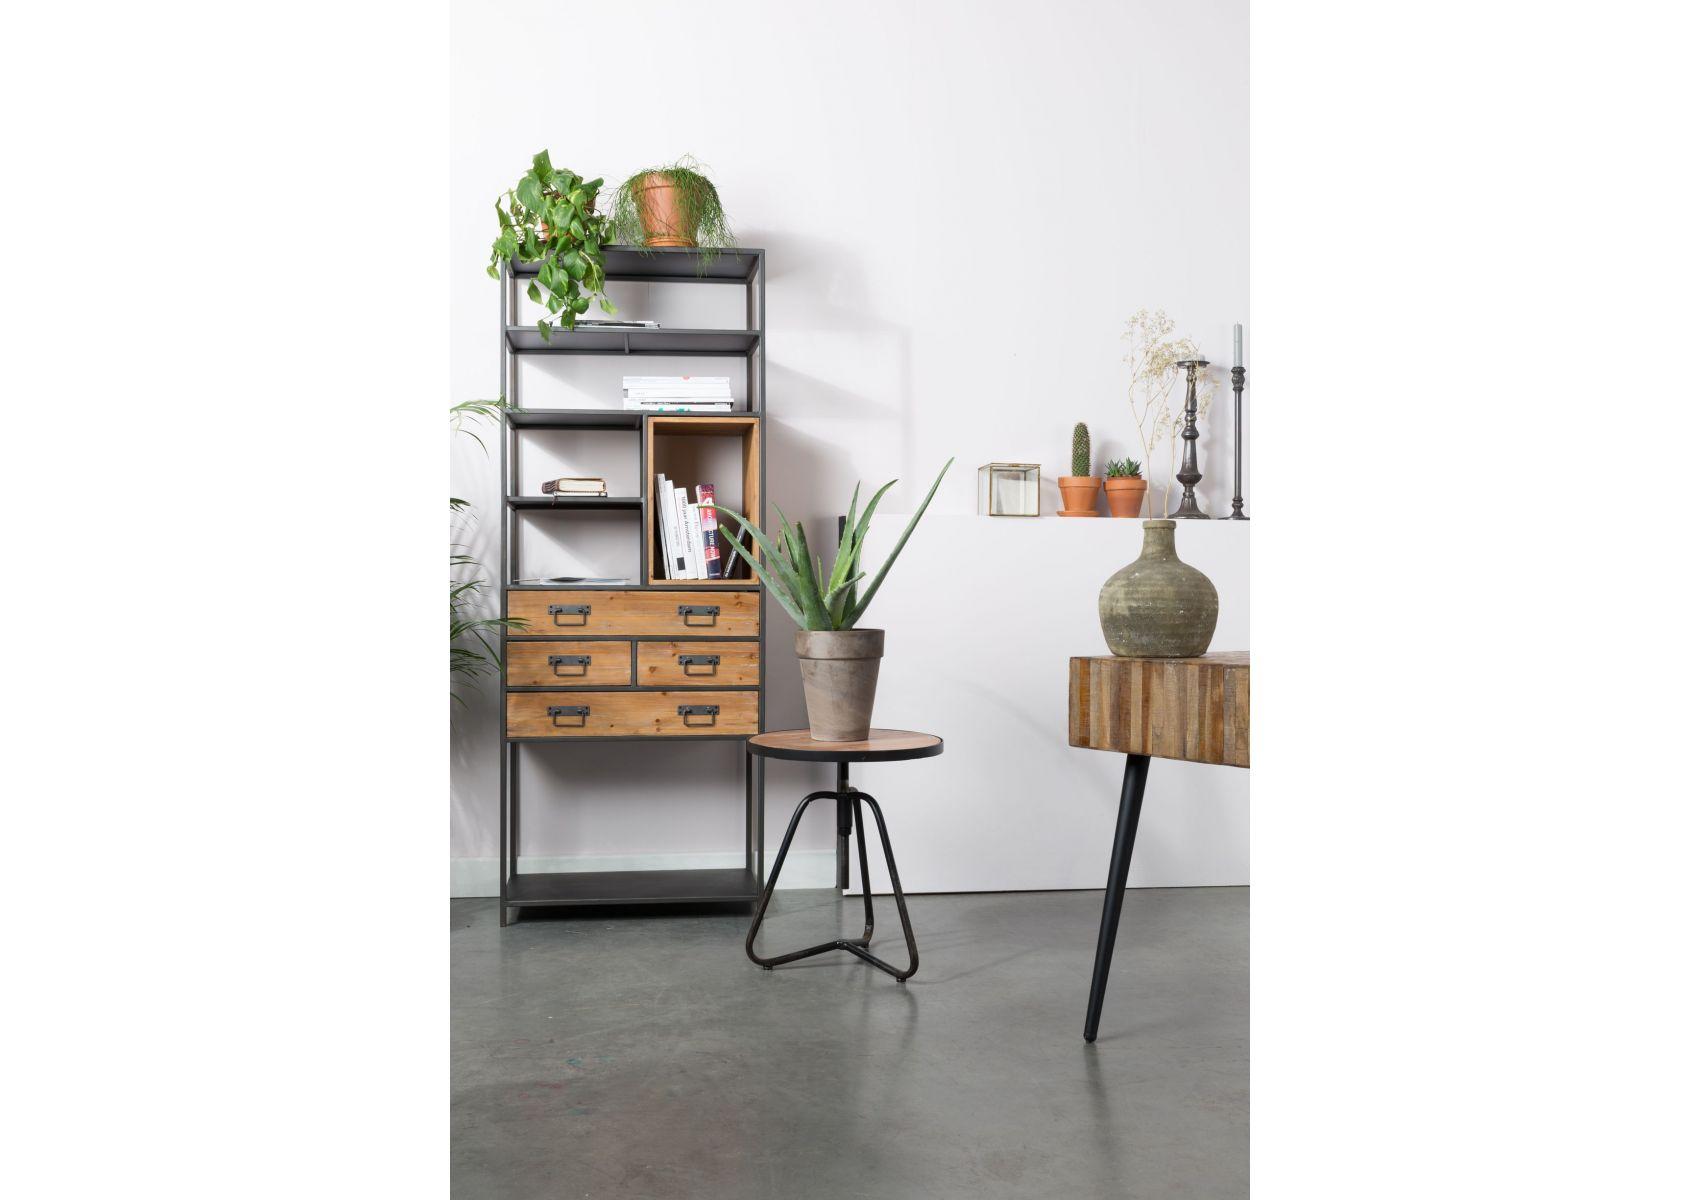 meuble de rangement m tal et bois samuel boite design. Black Bedroom Furniture Sets. Home Design Ideas